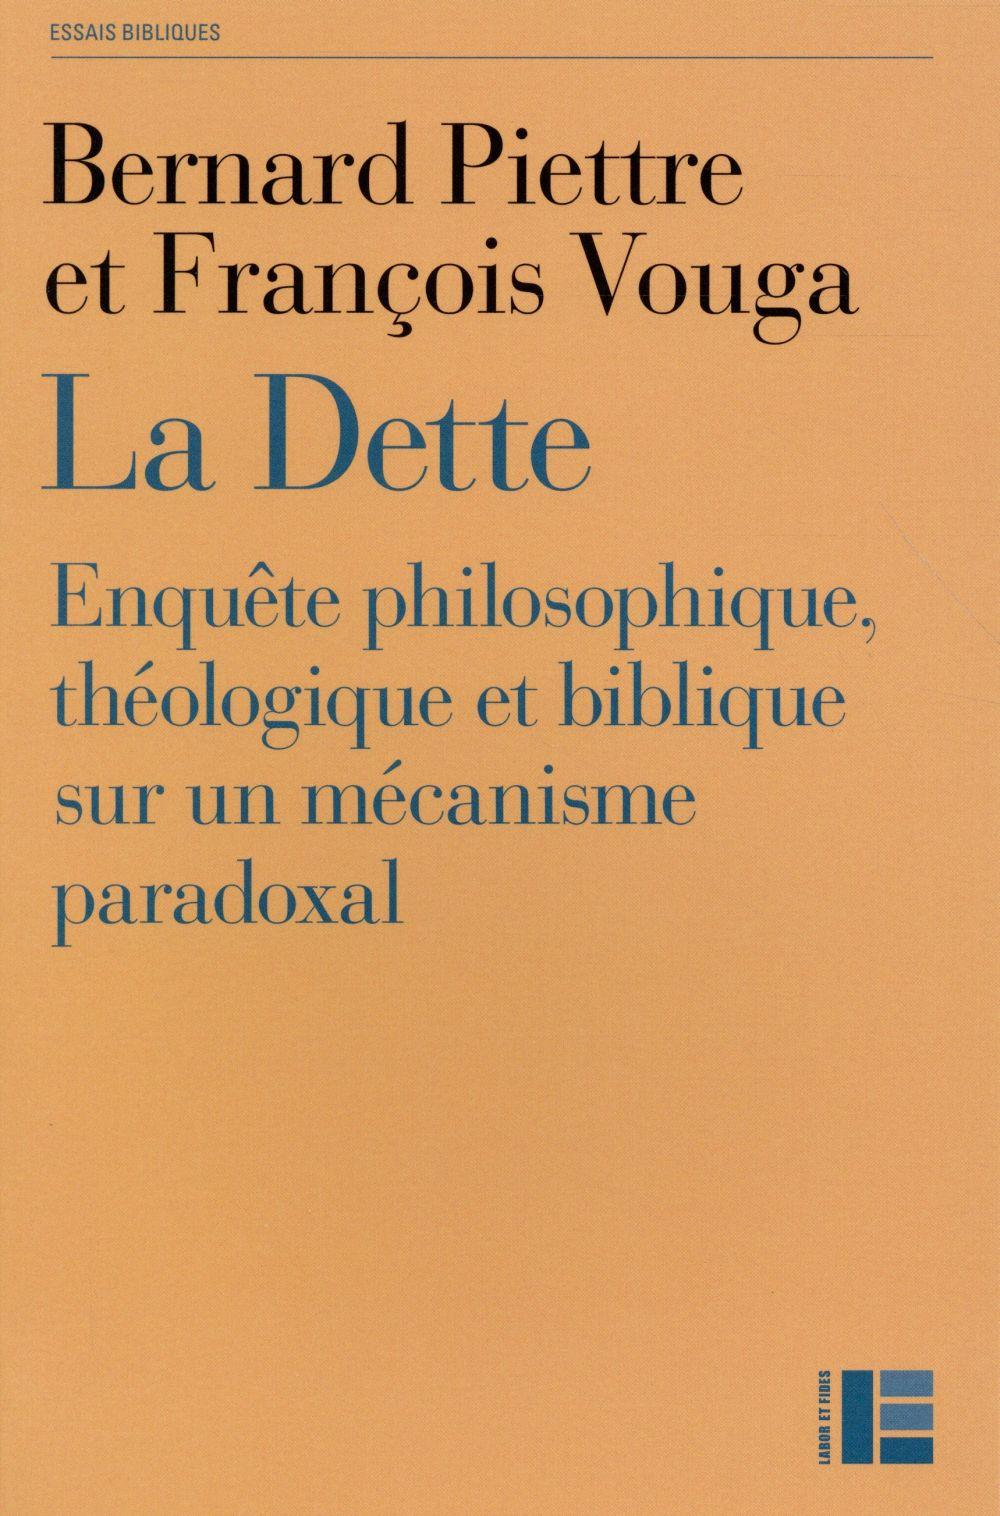 La dette ; enquête philosophique, théologique et biblique sur un mécanisme paradoxal